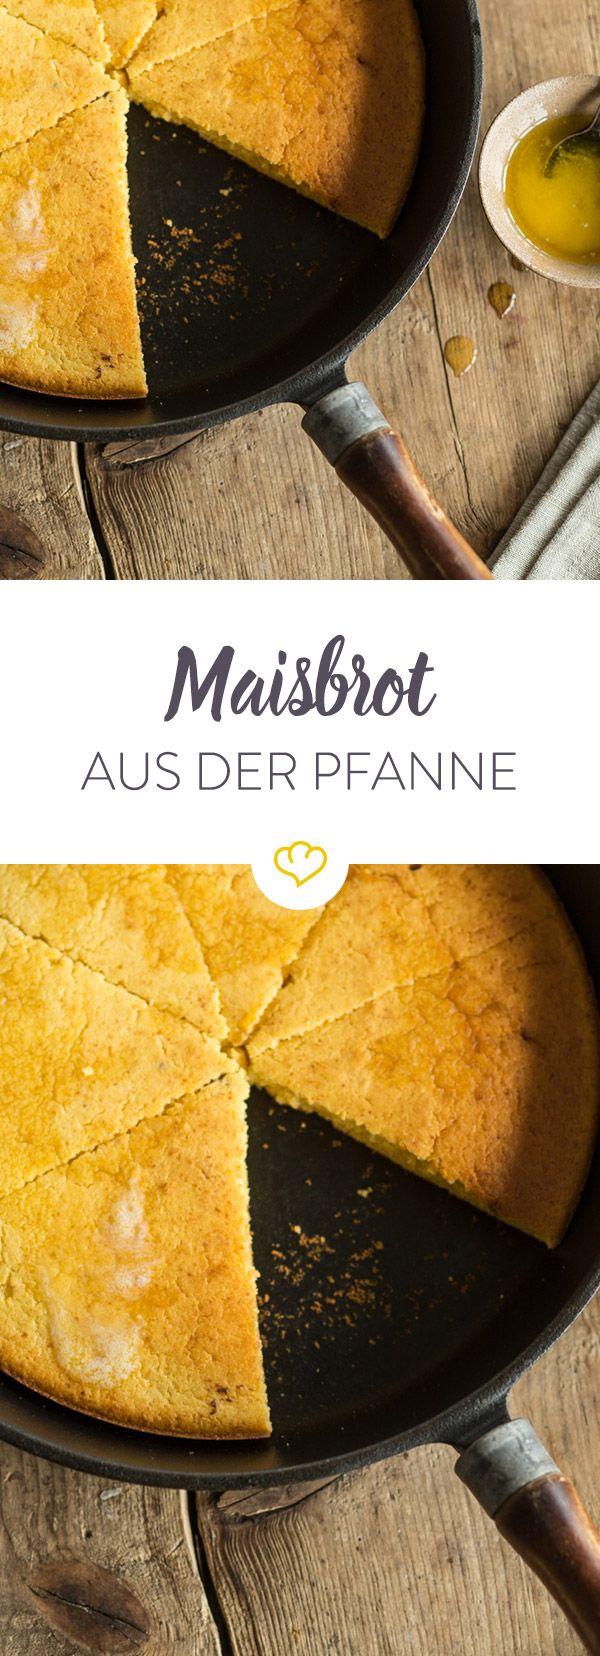 In diesem Maisbrot Rezept findet sich weit und breit kein Gluten, sodass der leicht süße Snack für alle Leckermäuler bekömmlich ist.(Baking Bread Dip)